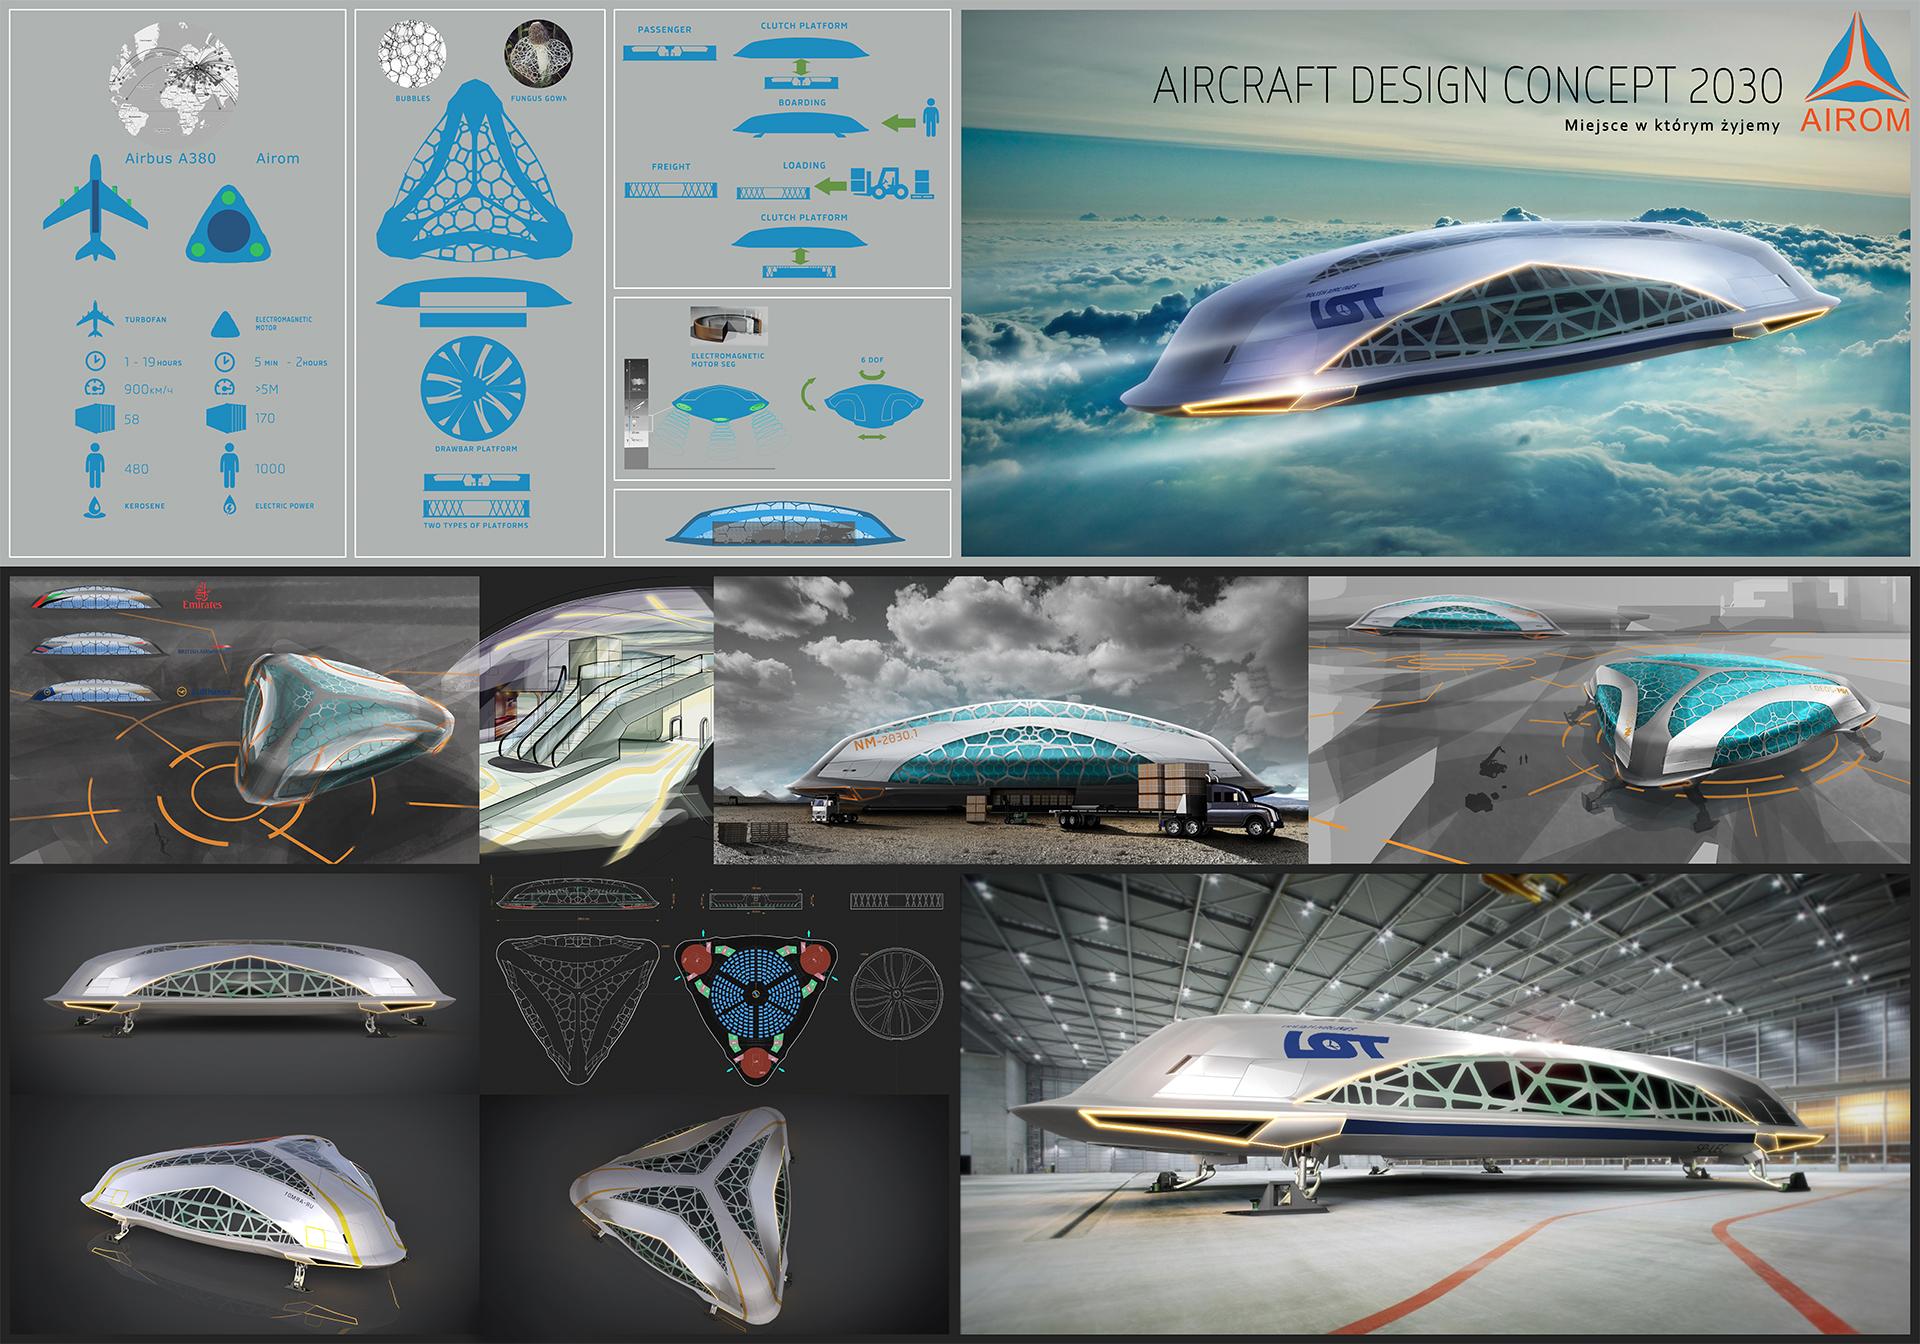 Airom Koncept Samolotu 2030